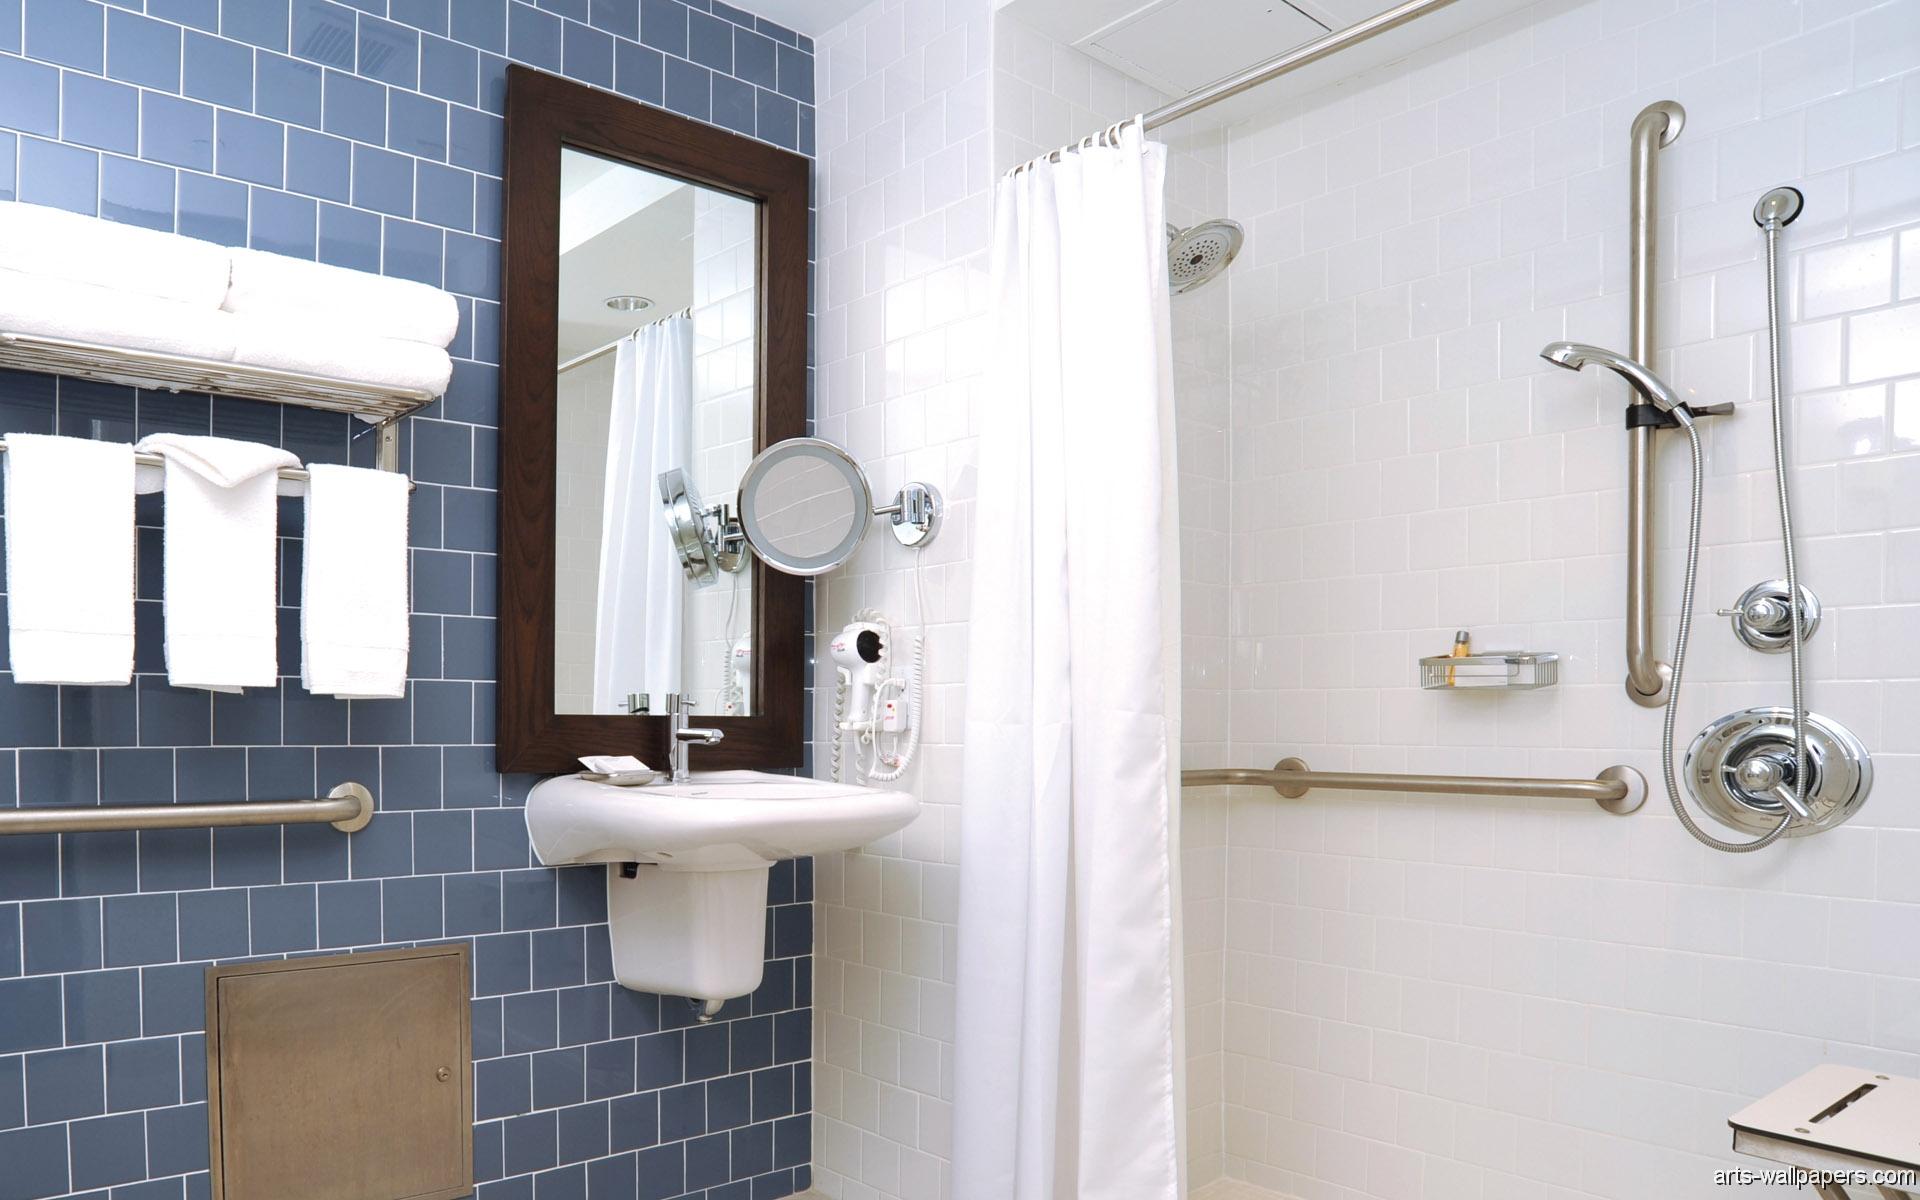 Bathroom Wallpaper Desktop Wallpaper Background 1920x1200 1920x1200